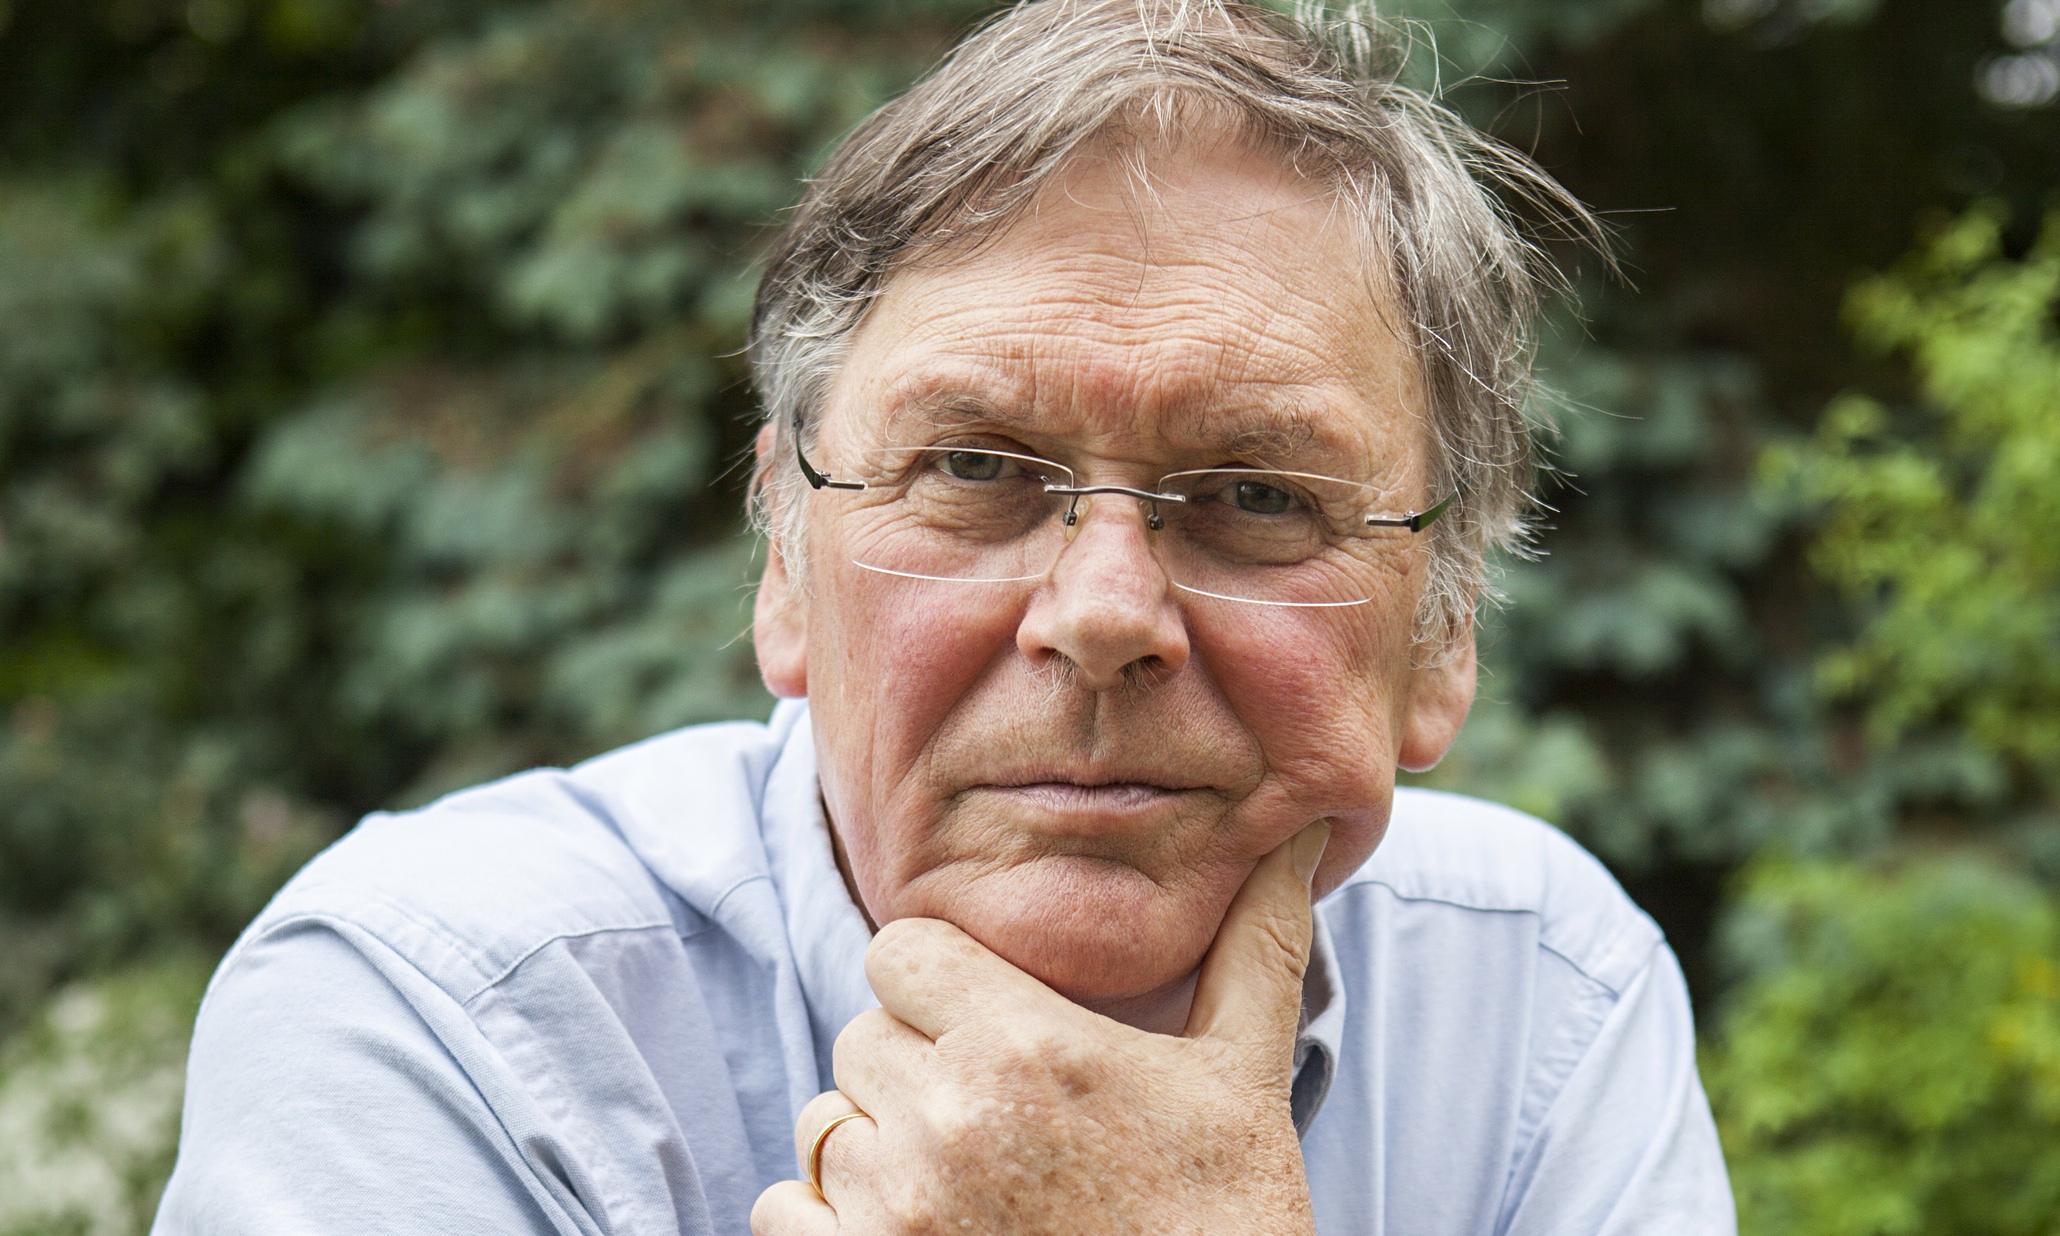 Tim Hunt, premio Nobel licenziato per le sue dichiarazioni sulle donne, racconta la sua versione